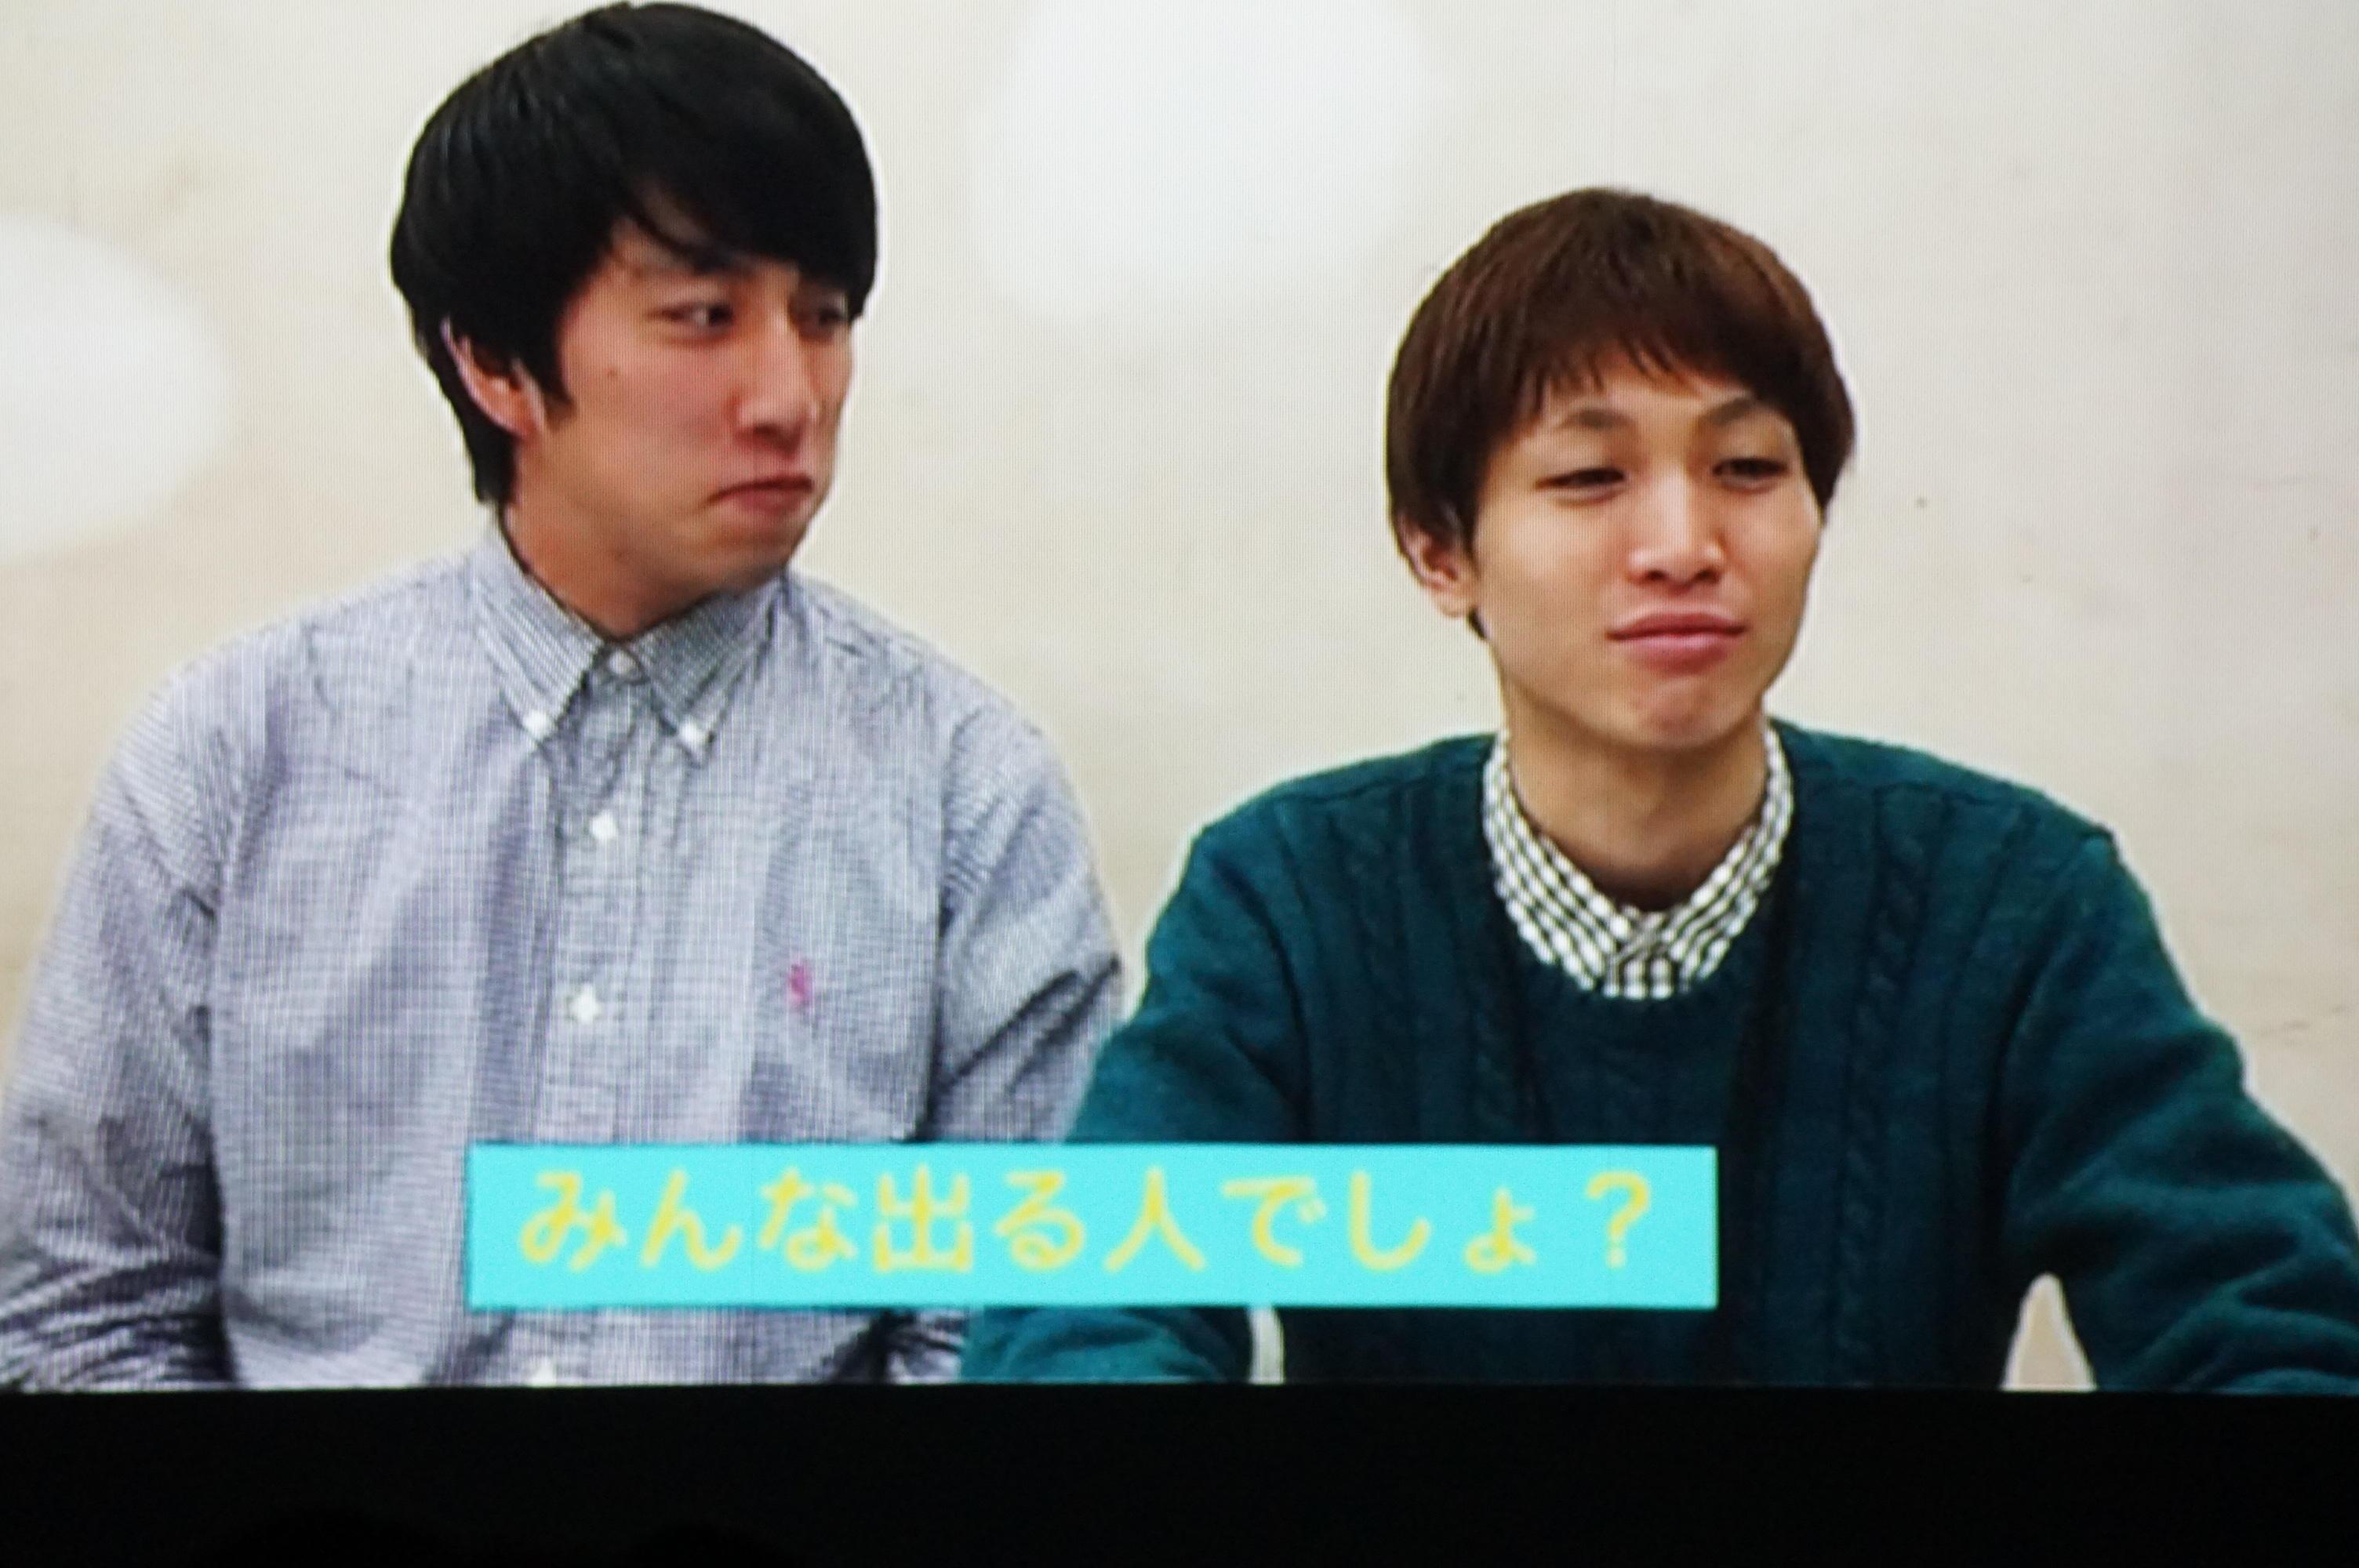 http://news.yoshimoto.co.jp/20161028190726-b06c2bccd51d26c3ce94adb47f9dcdaf70d78e08.jpg